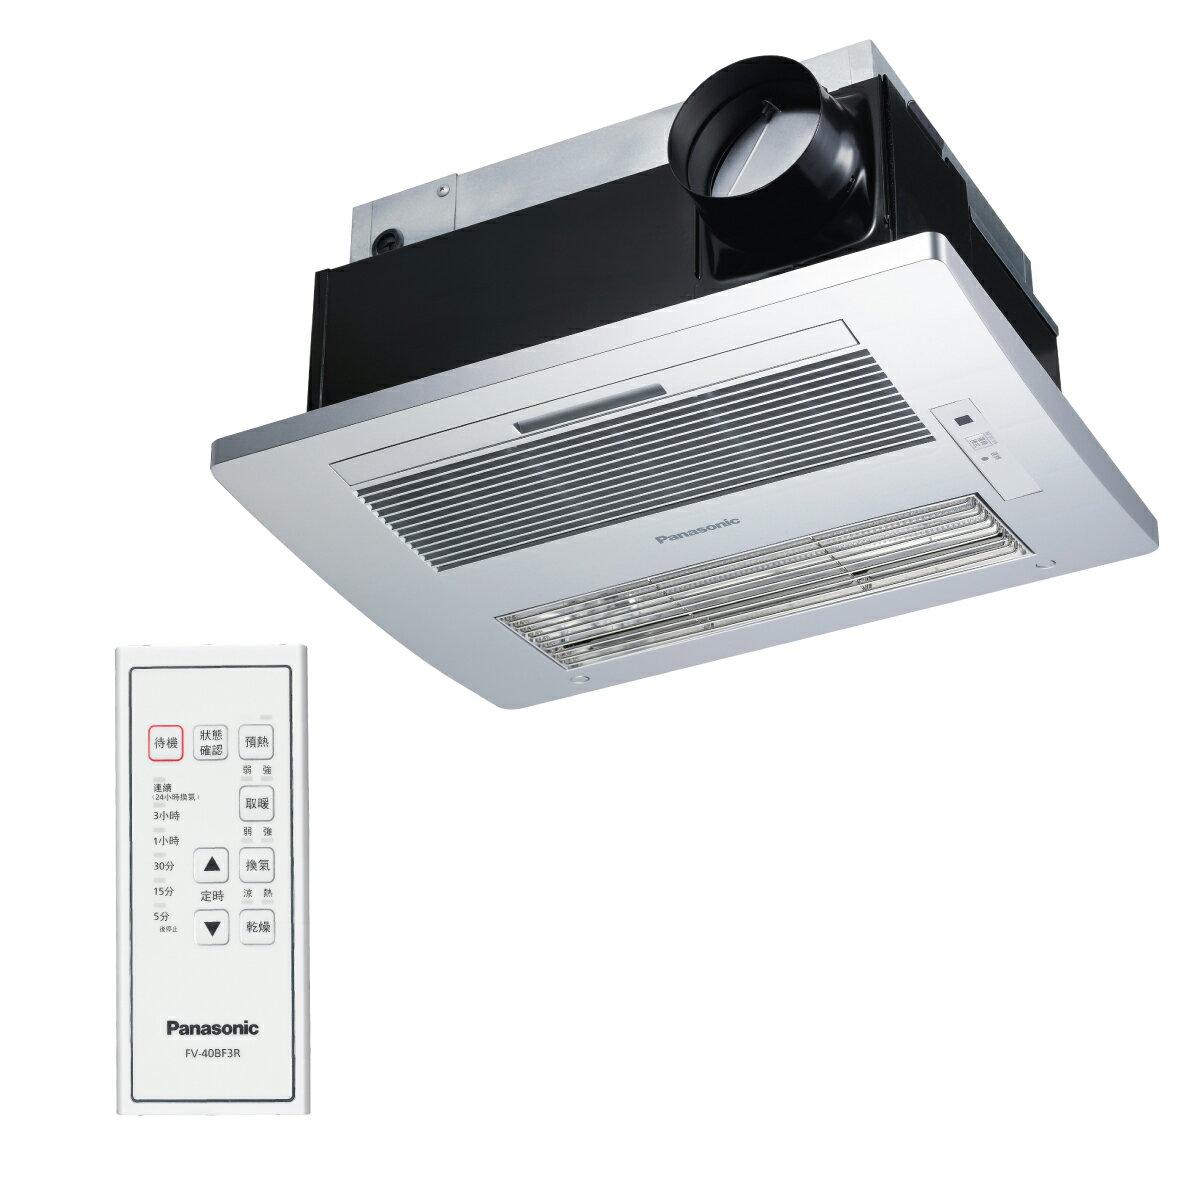 【國際Panasonic 】 FV-40BF3W (220V) 無線遙控 浴室暖風機 / 陶瓷加熱 定時功能 / 浴室乾燥 換氣